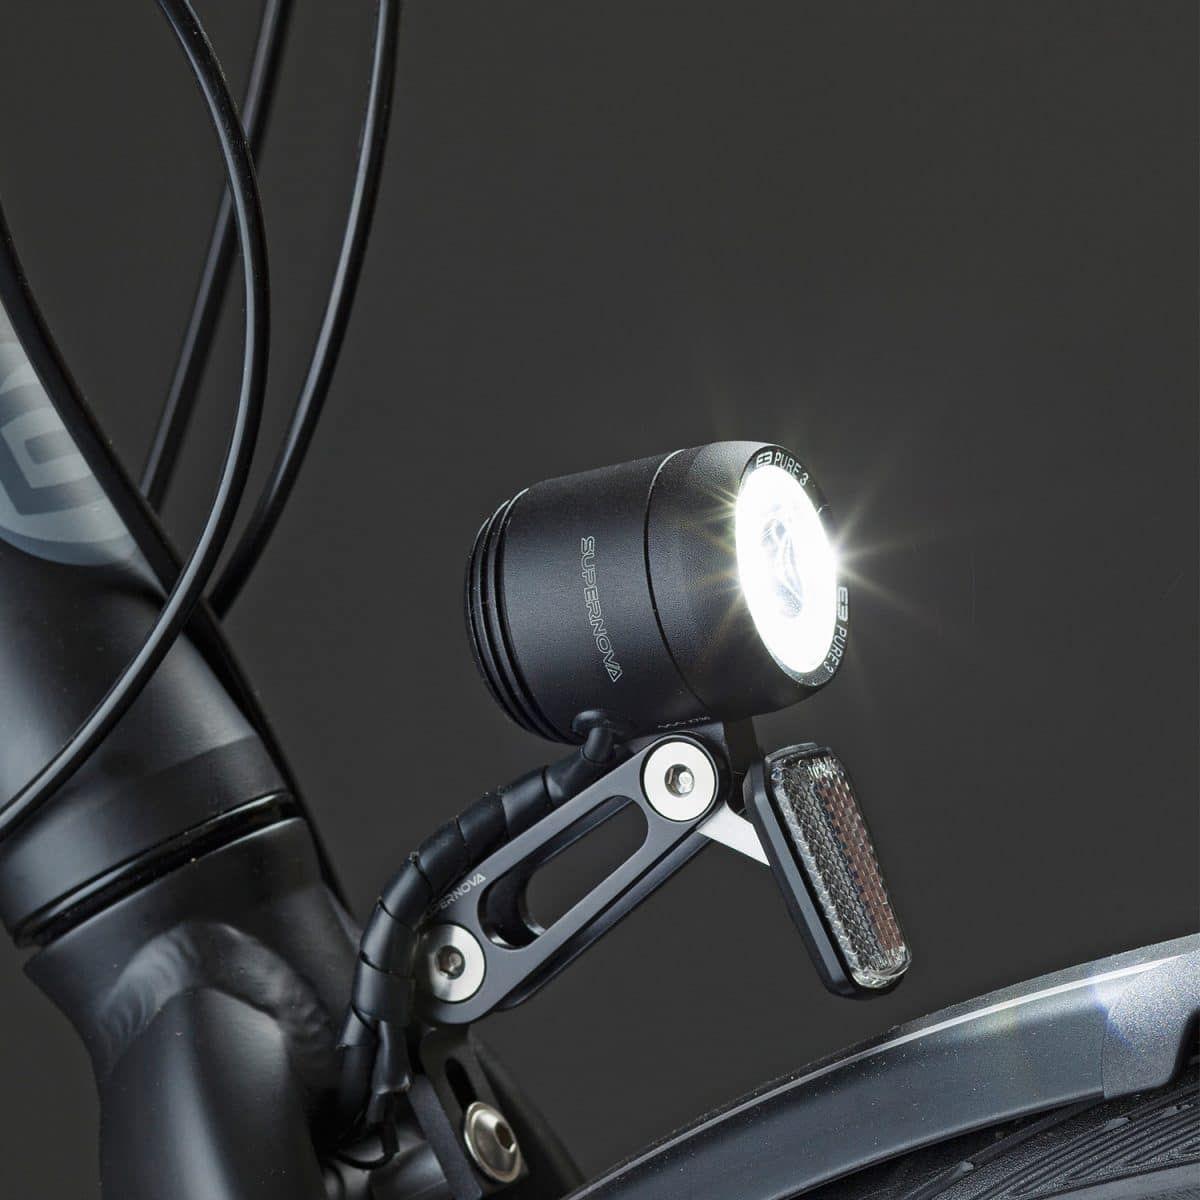 E Bike Beleuchtung Fahrradlichter Fur Jeden Geldbeutel Fahrrad Licht Beleuchtung Geldbeutel